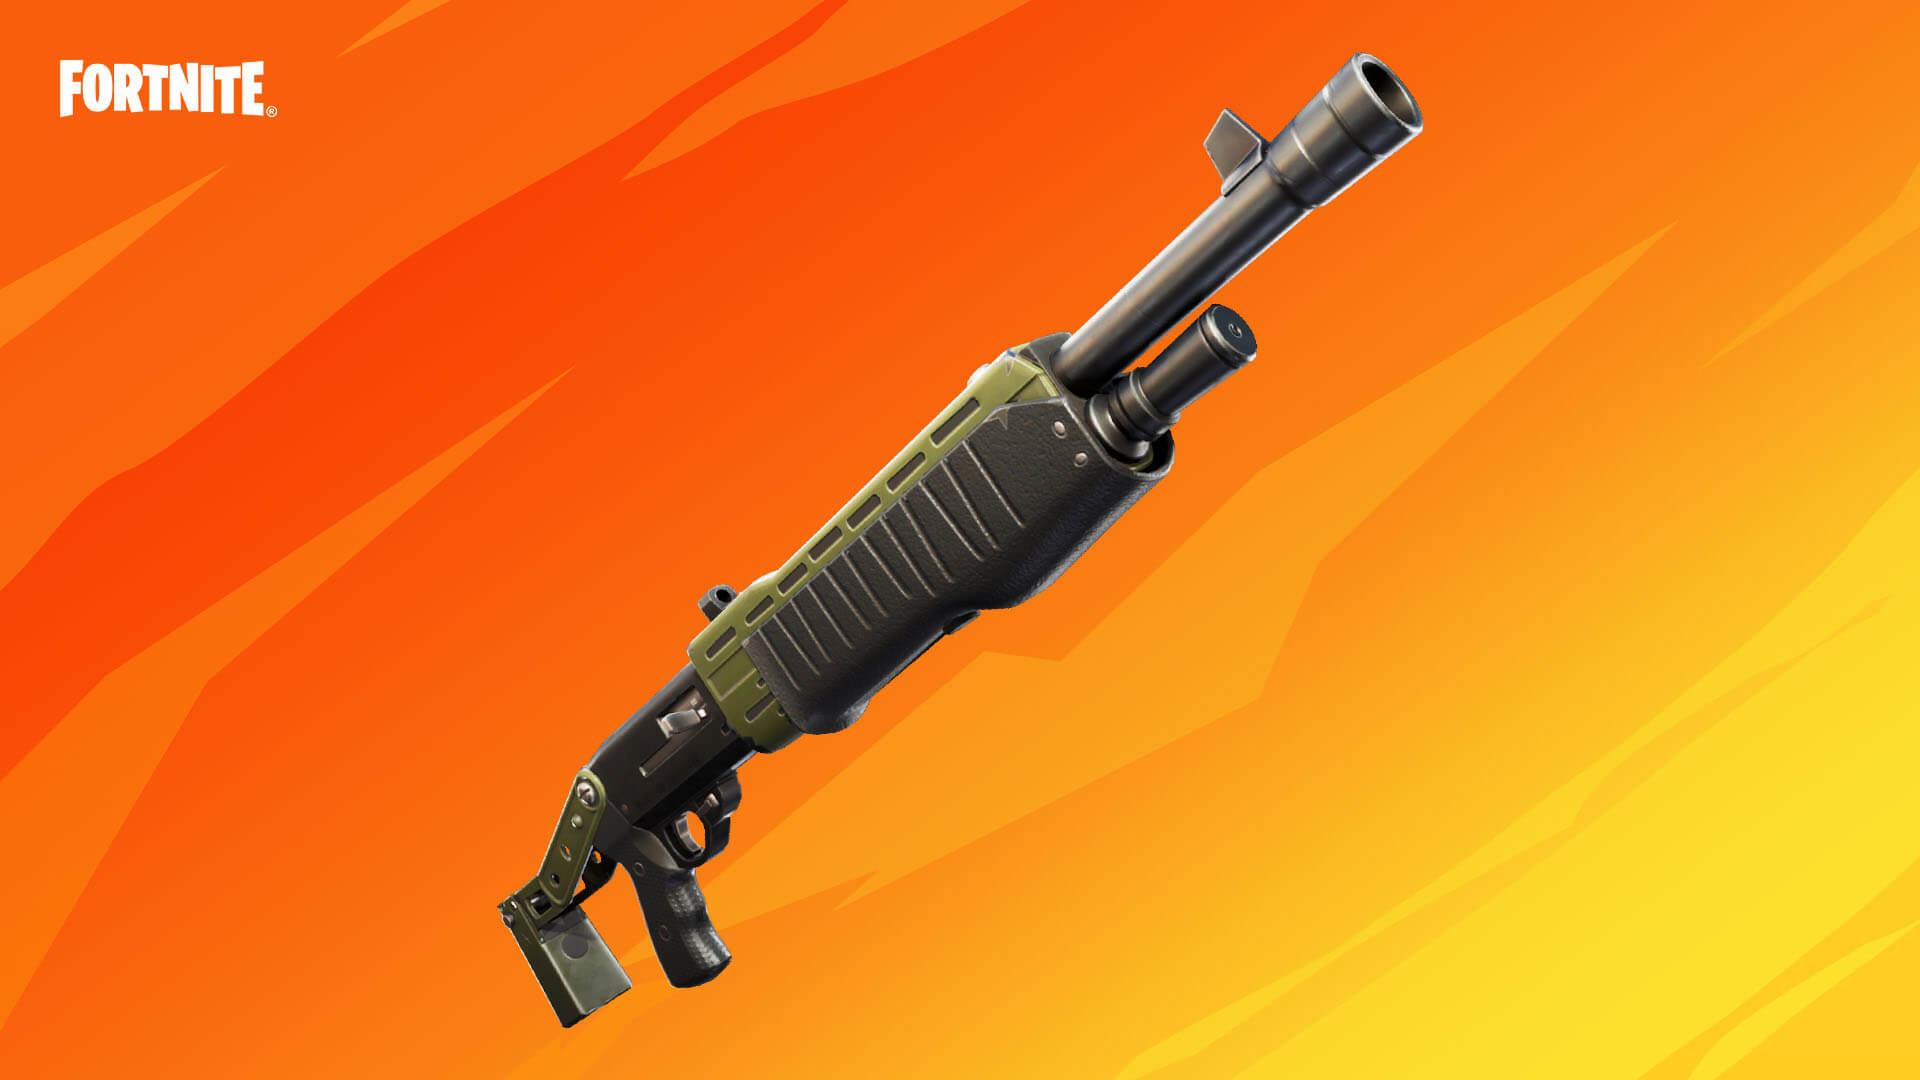 Fortnite - Pump Shotgun